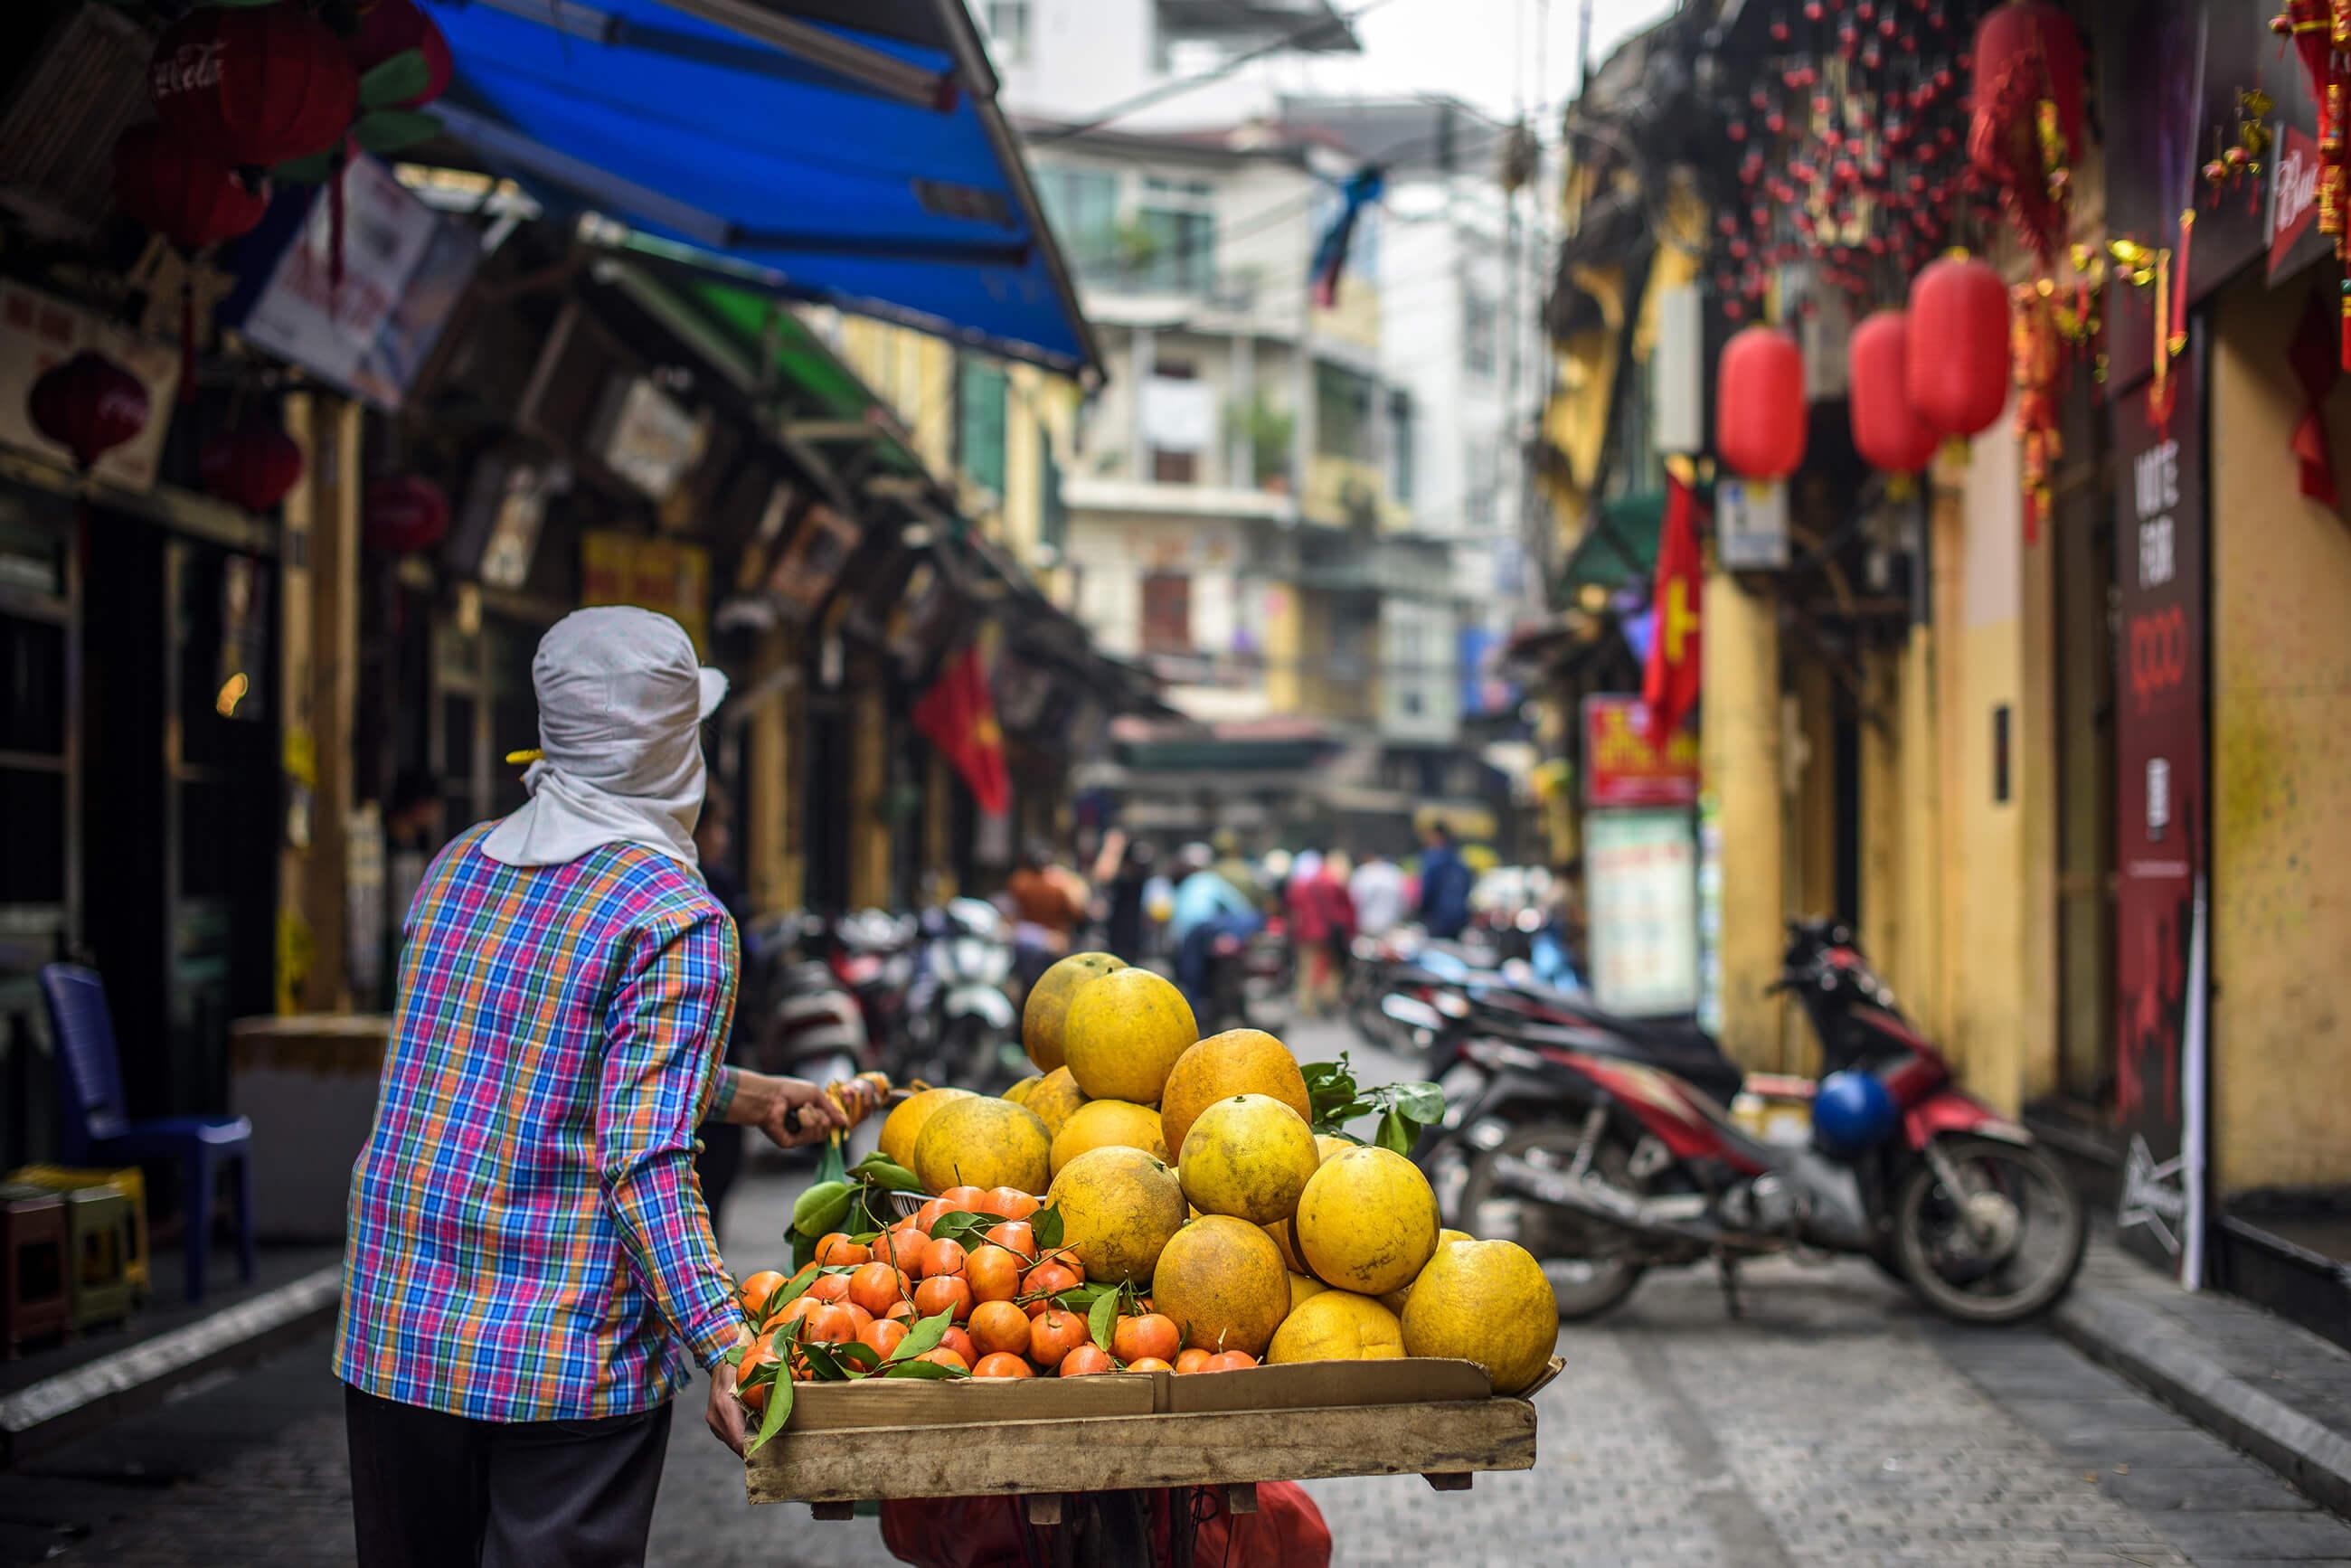 https://bubo.sk/uploads/galleries/4915/pxb_vietnam_hanoi-4176310-1-.jpg